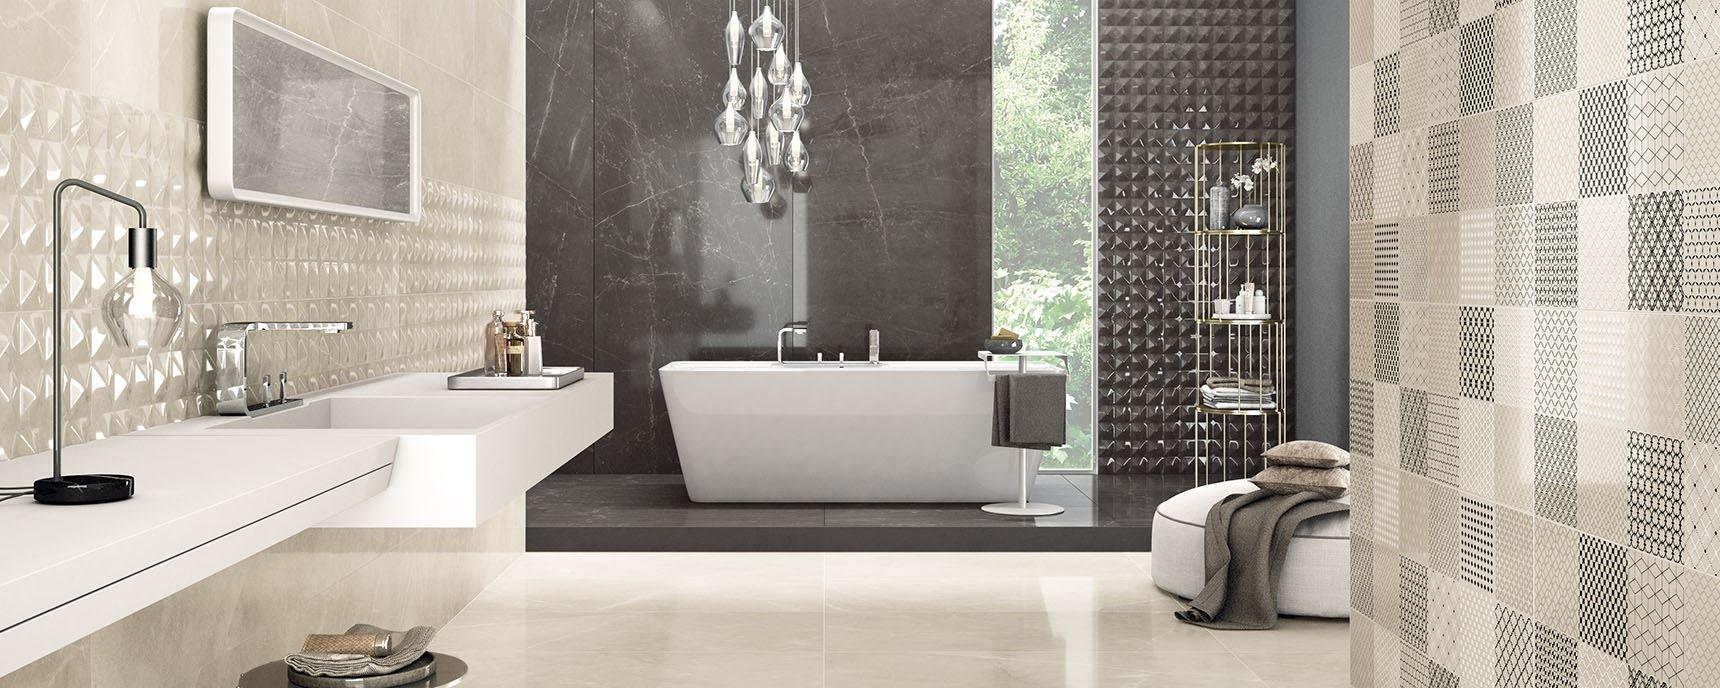 Trilogy: Fliesen in Marmoroptik für elegante Badezimmer